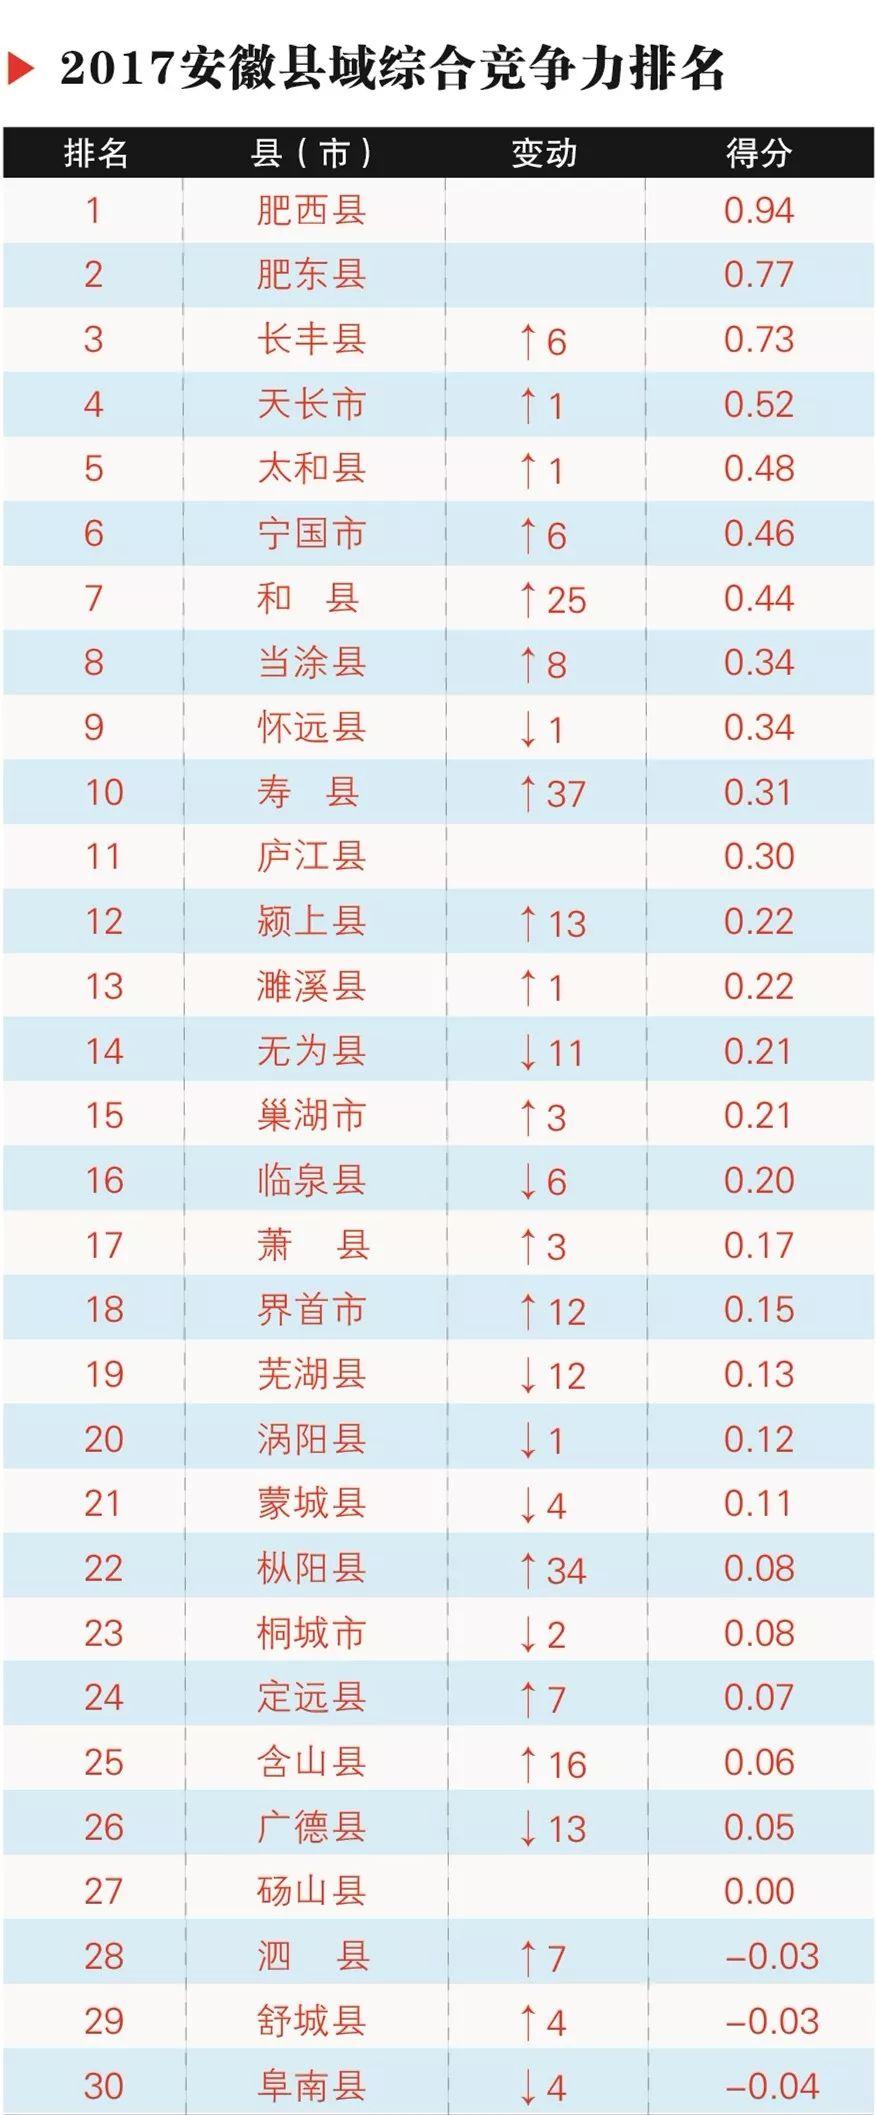 重磅!安徽61个县域经济竞争力榜单发布!